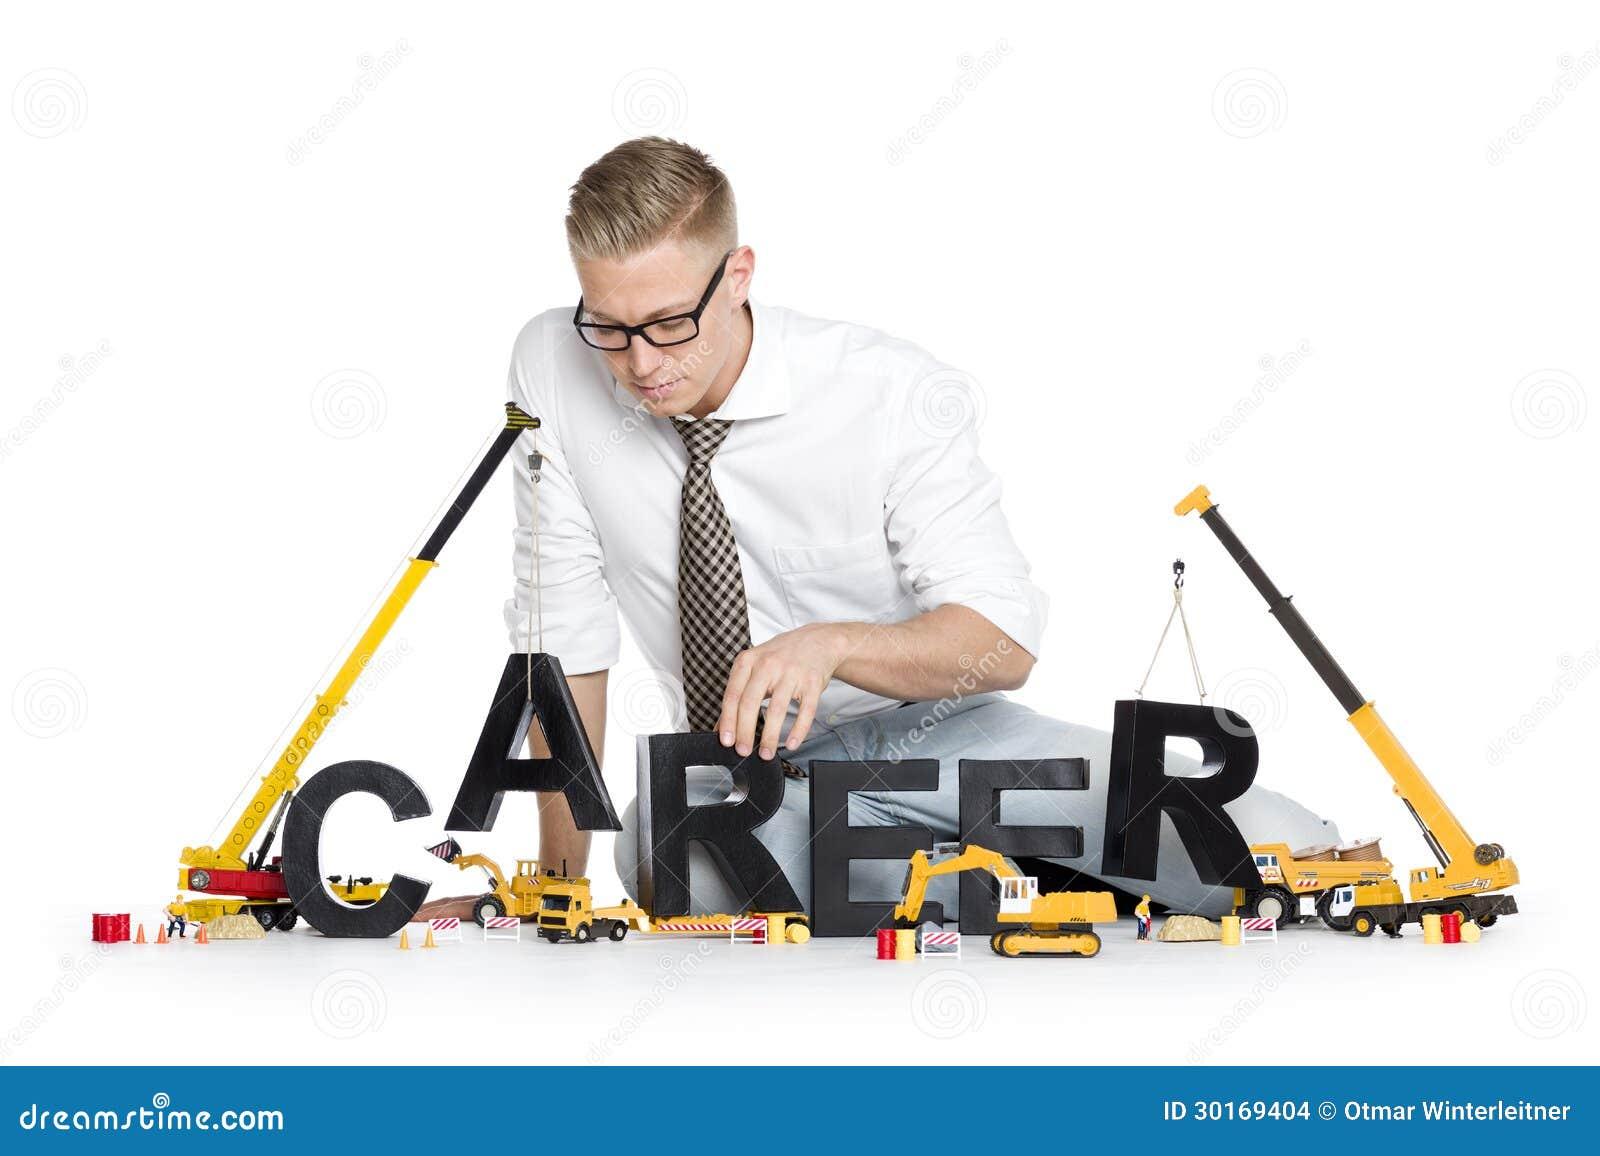 build a career doc mittnastaliv tk build a career 23 04 2017